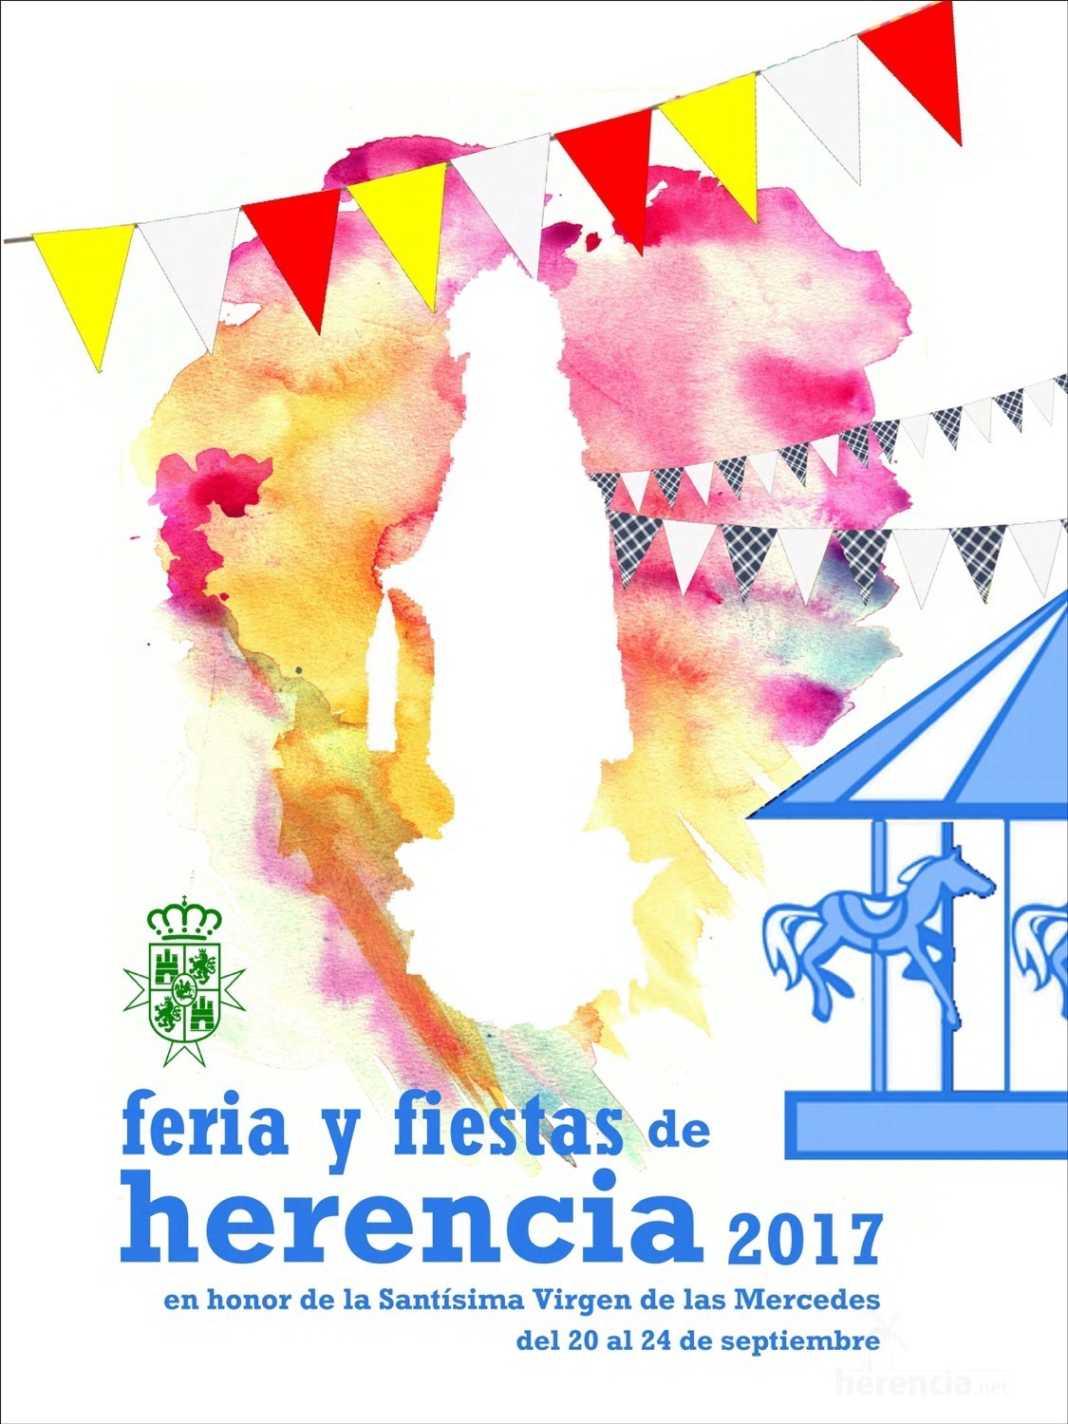 libro feria fiestas herencia 2017 septiembre 1 1068x1424 - Libro de Feria y Fiestas de Herencia 2017 online